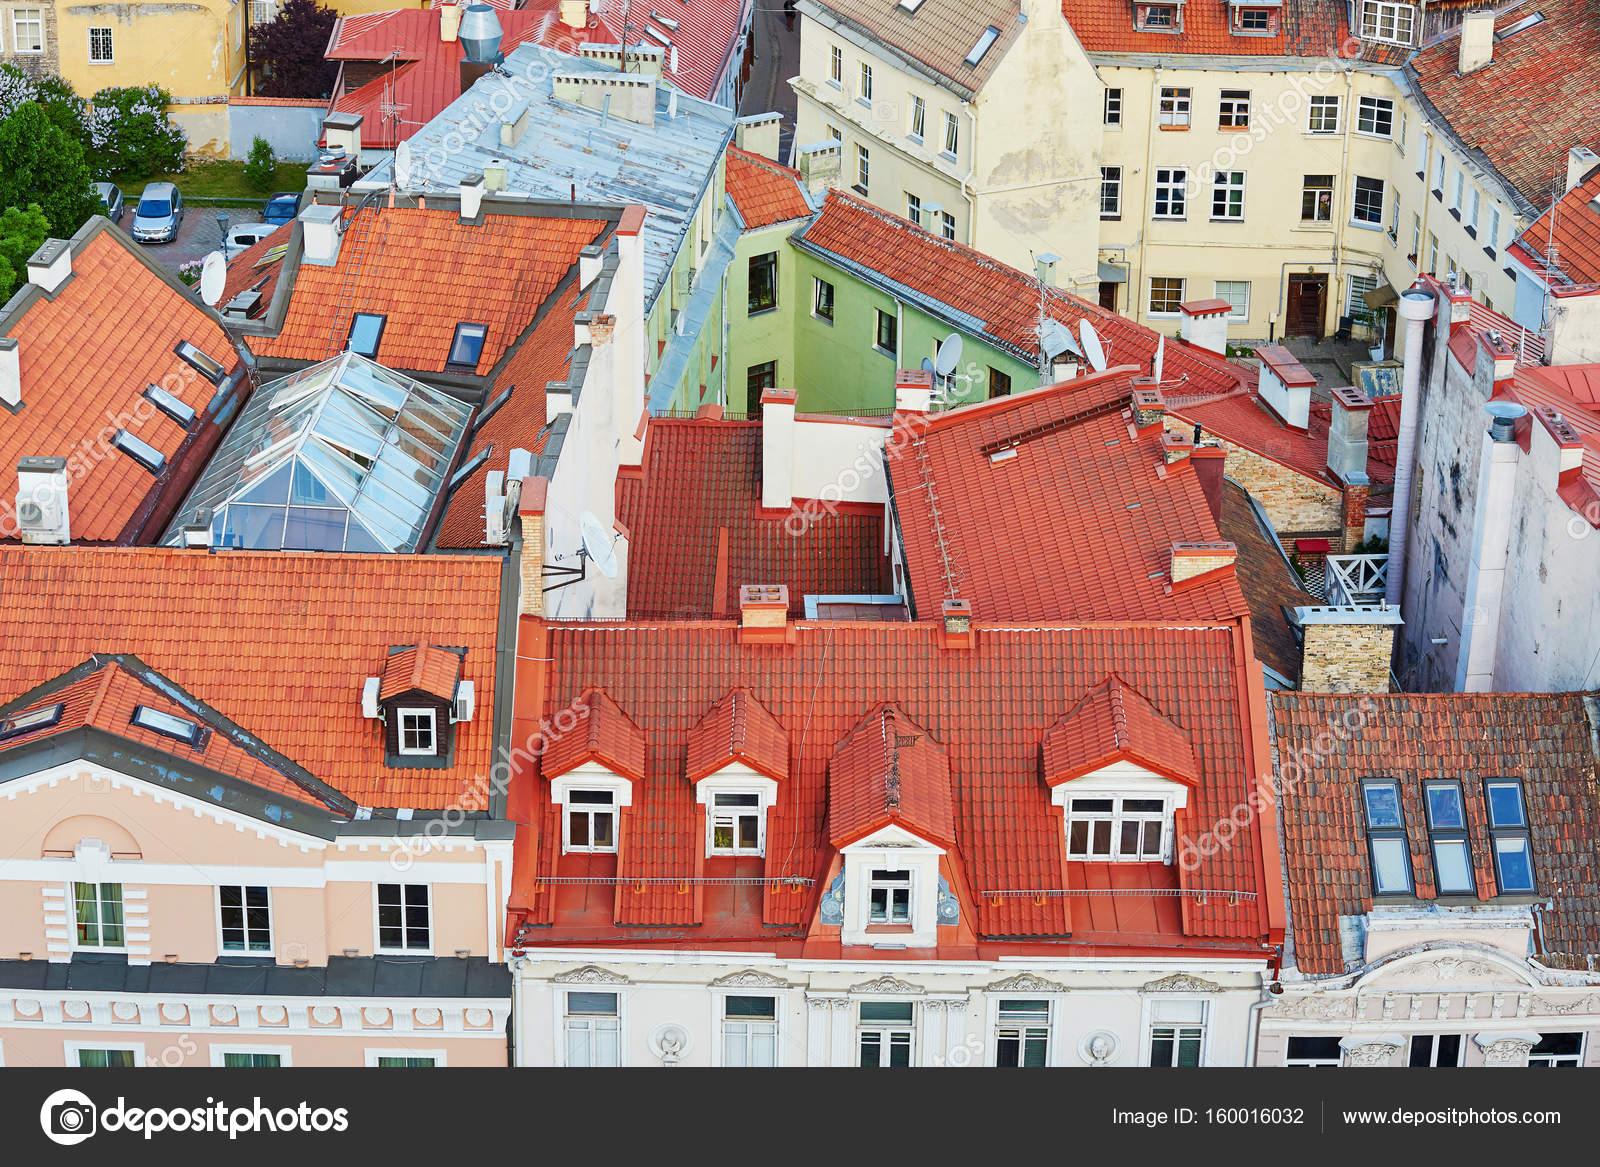 Prachtige kleurrijke gebouwen met daken van de rode tegels in de